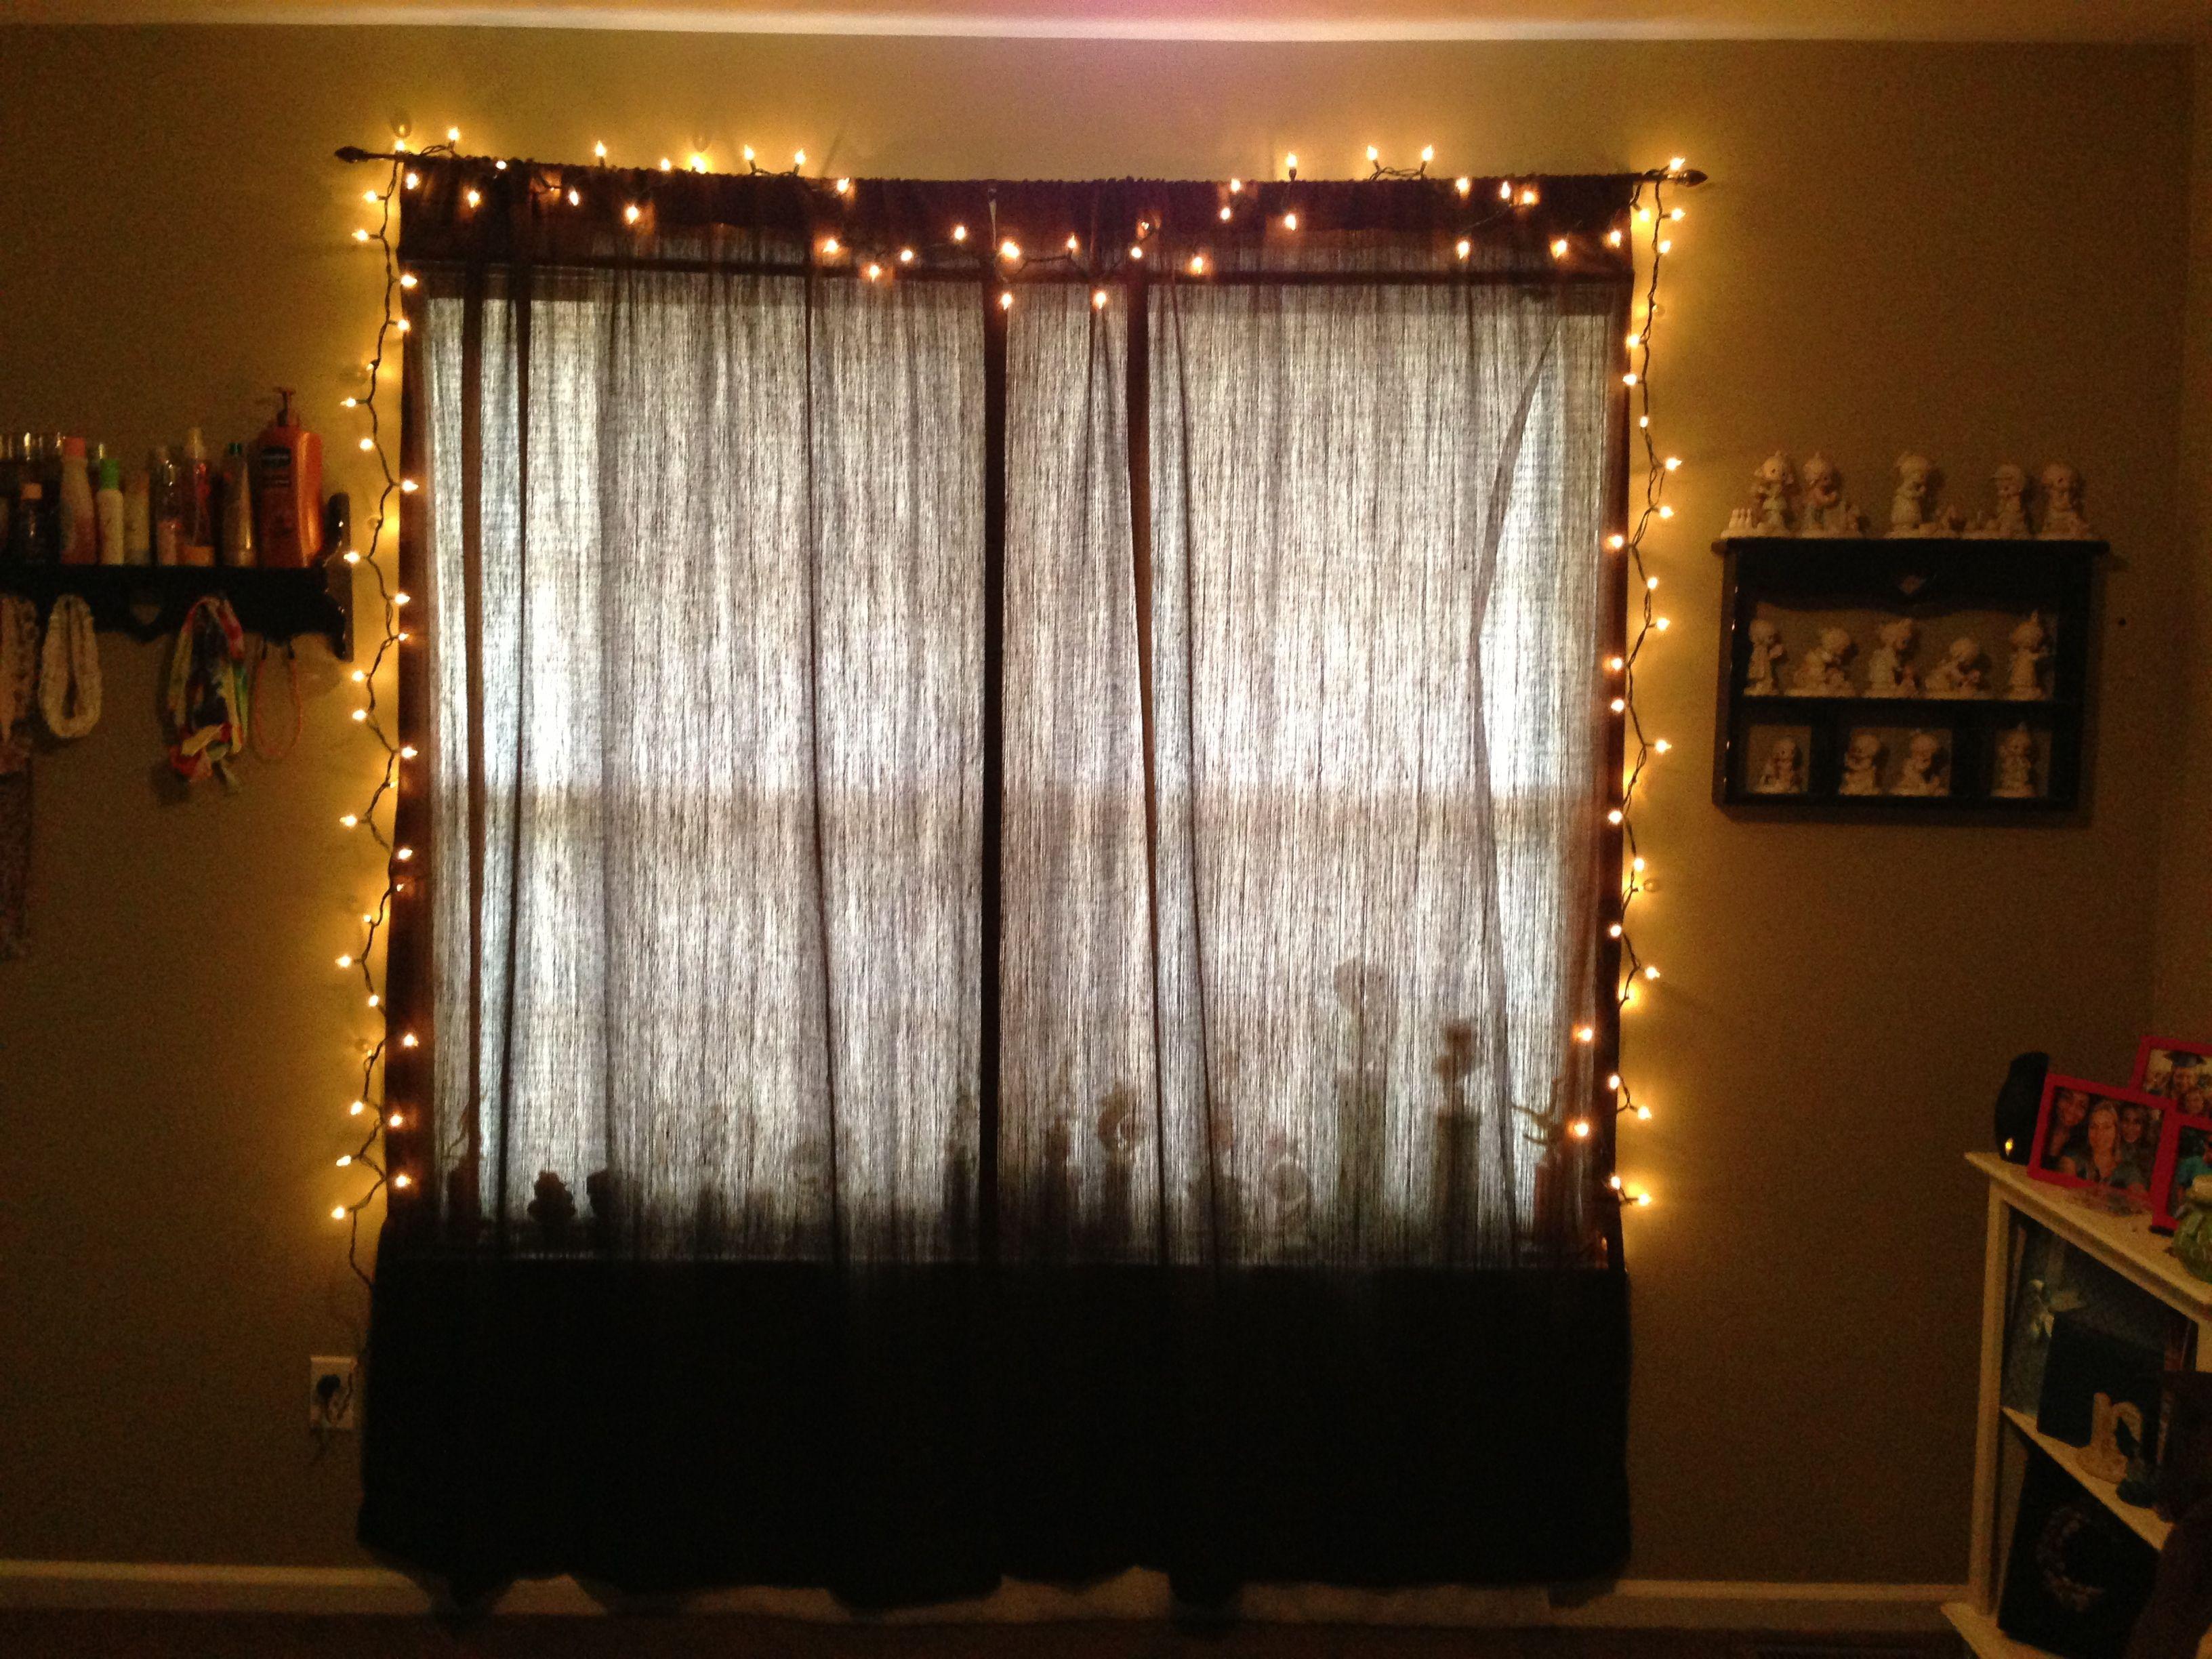 string lights in bedroom over window deocrating christmas lights in bedroom bedroom decor. Black Bedroom Furniture Sets. Home Design Ideas